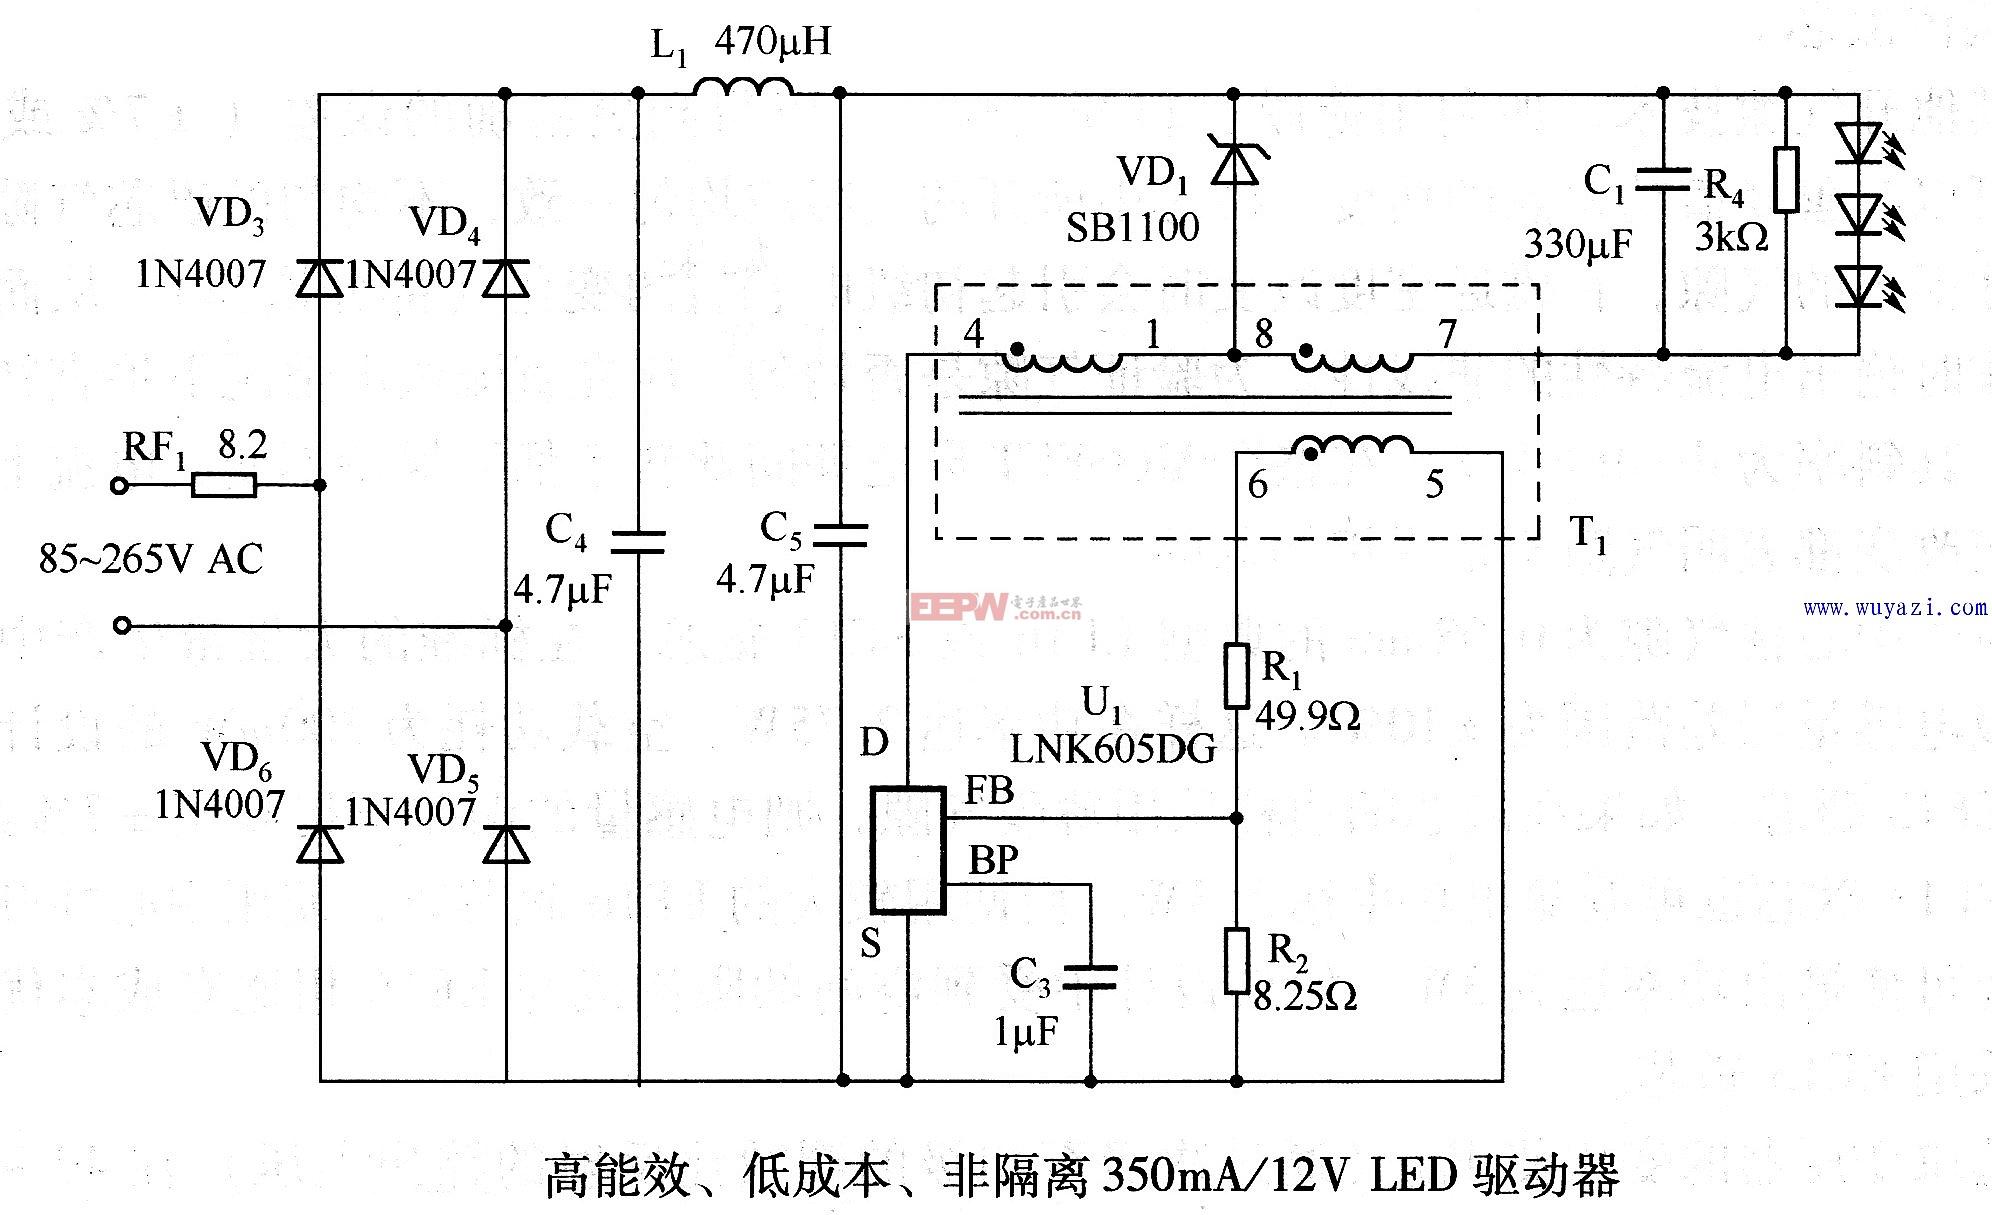 350mA/12V LED驱动器